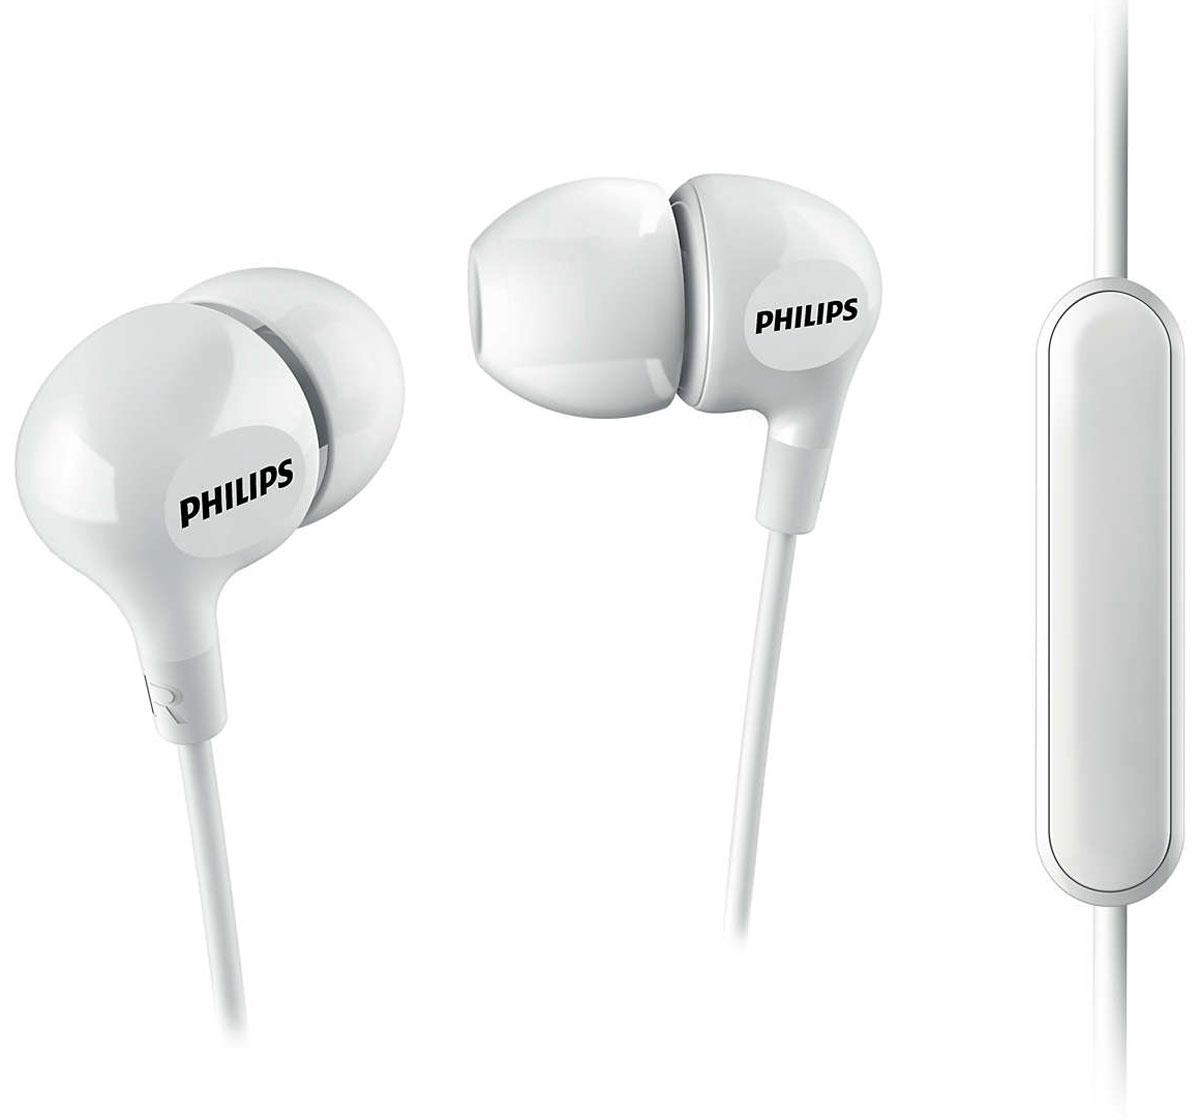 Philips SHE3555, White наушникиSHE3555WT/00Компактные наушники-вкладыши Philips SHE3555 с усиленным басом. Эргономичная овальная звуковая трубка обеспечивает максимально комфортную посадку, подстраиваясь под форму уха. Благодаря встроенному микрофону можно легко переключаться между режимами разговора и прослушивания музыки, чтобы всегда оставаться на связи. В комплект входят насадки 3 размеров, чтобы вы могли выбрать для себя подходящий вариант.Мягкий резиновый сгиб предотвращает повреждение контактов при многократном сгибании кабеля и продлевает срок службы наушников.